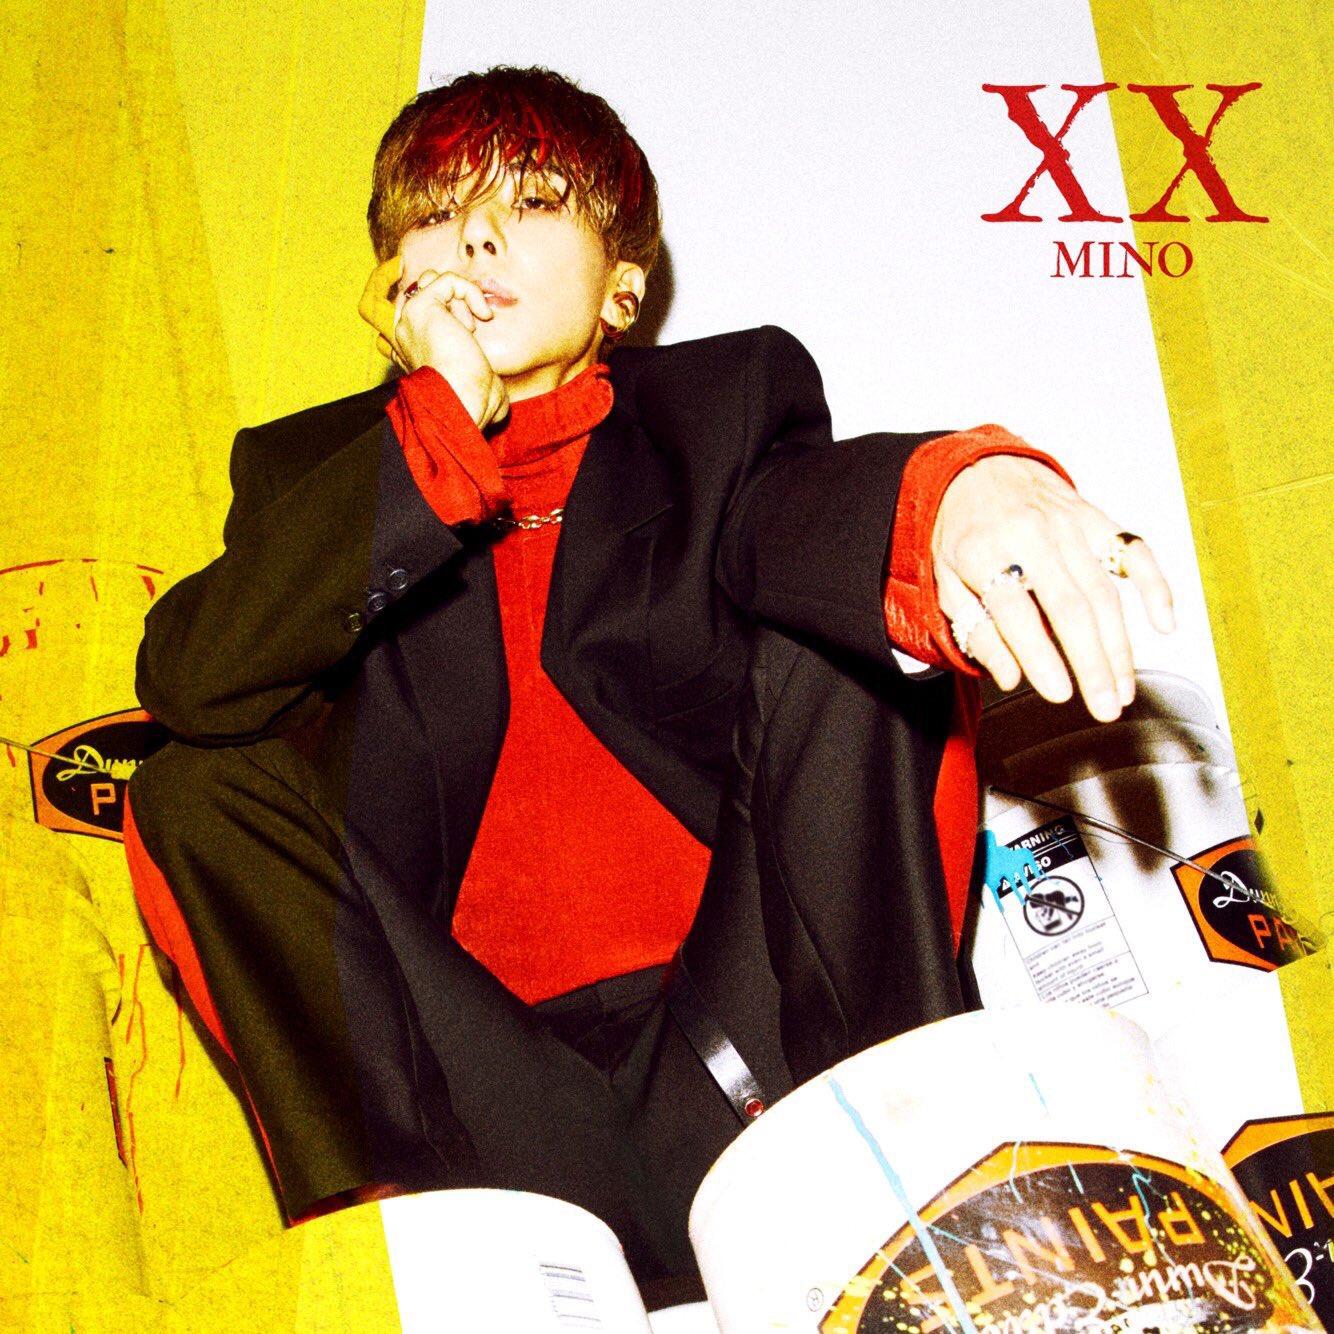 Imagini pentru Mino